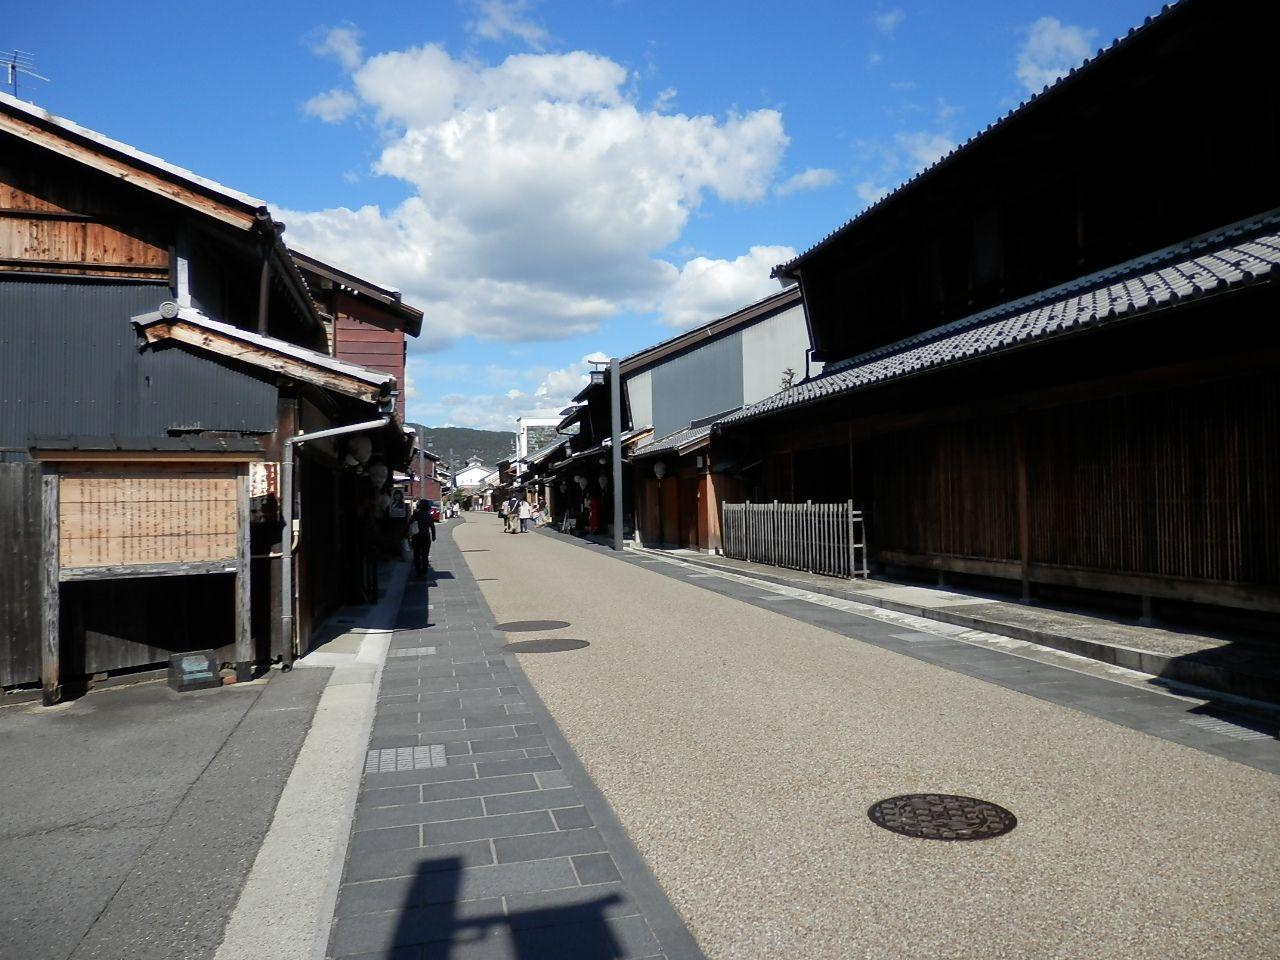 岐阜城とセットで散策を。昔の情緒ただよう川原町